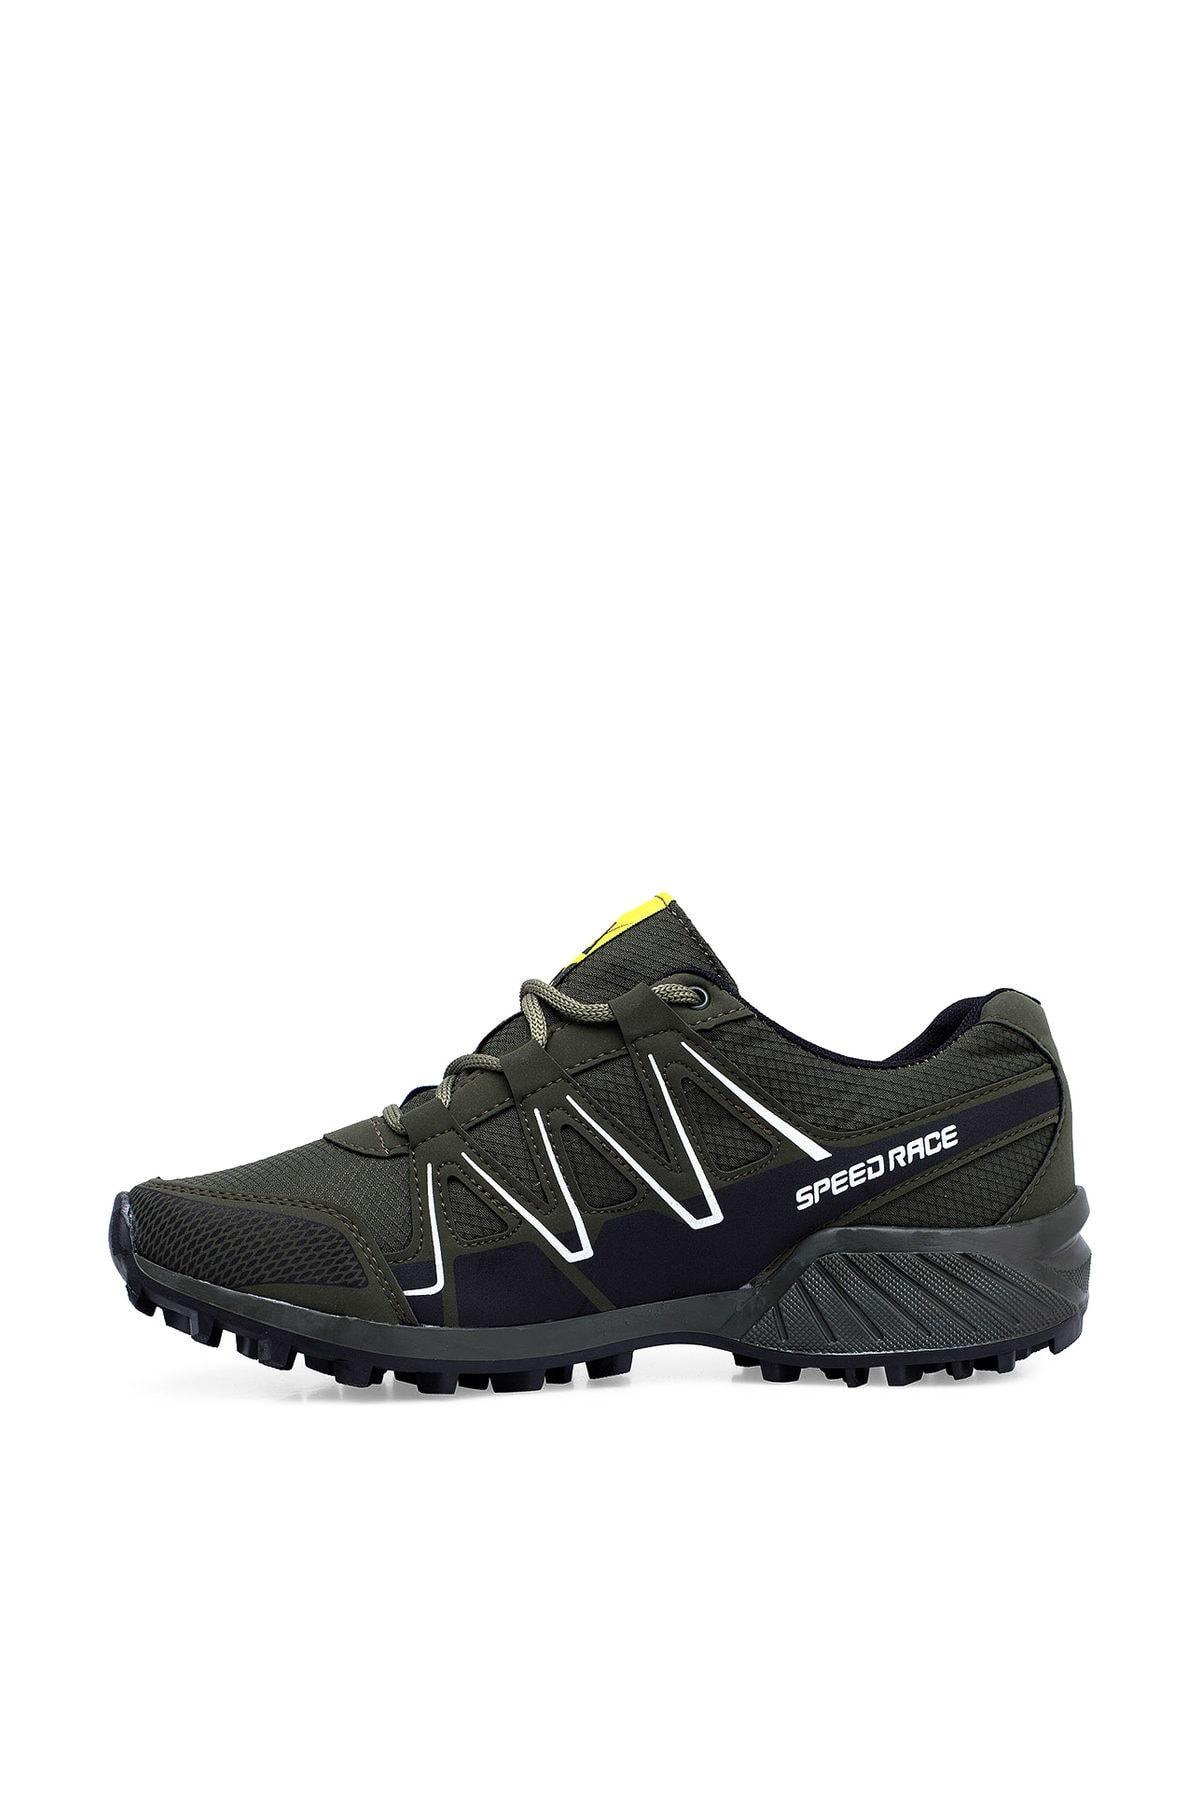 Navigli Haki Erkek Outdoor Ayakkabı 5601953 2